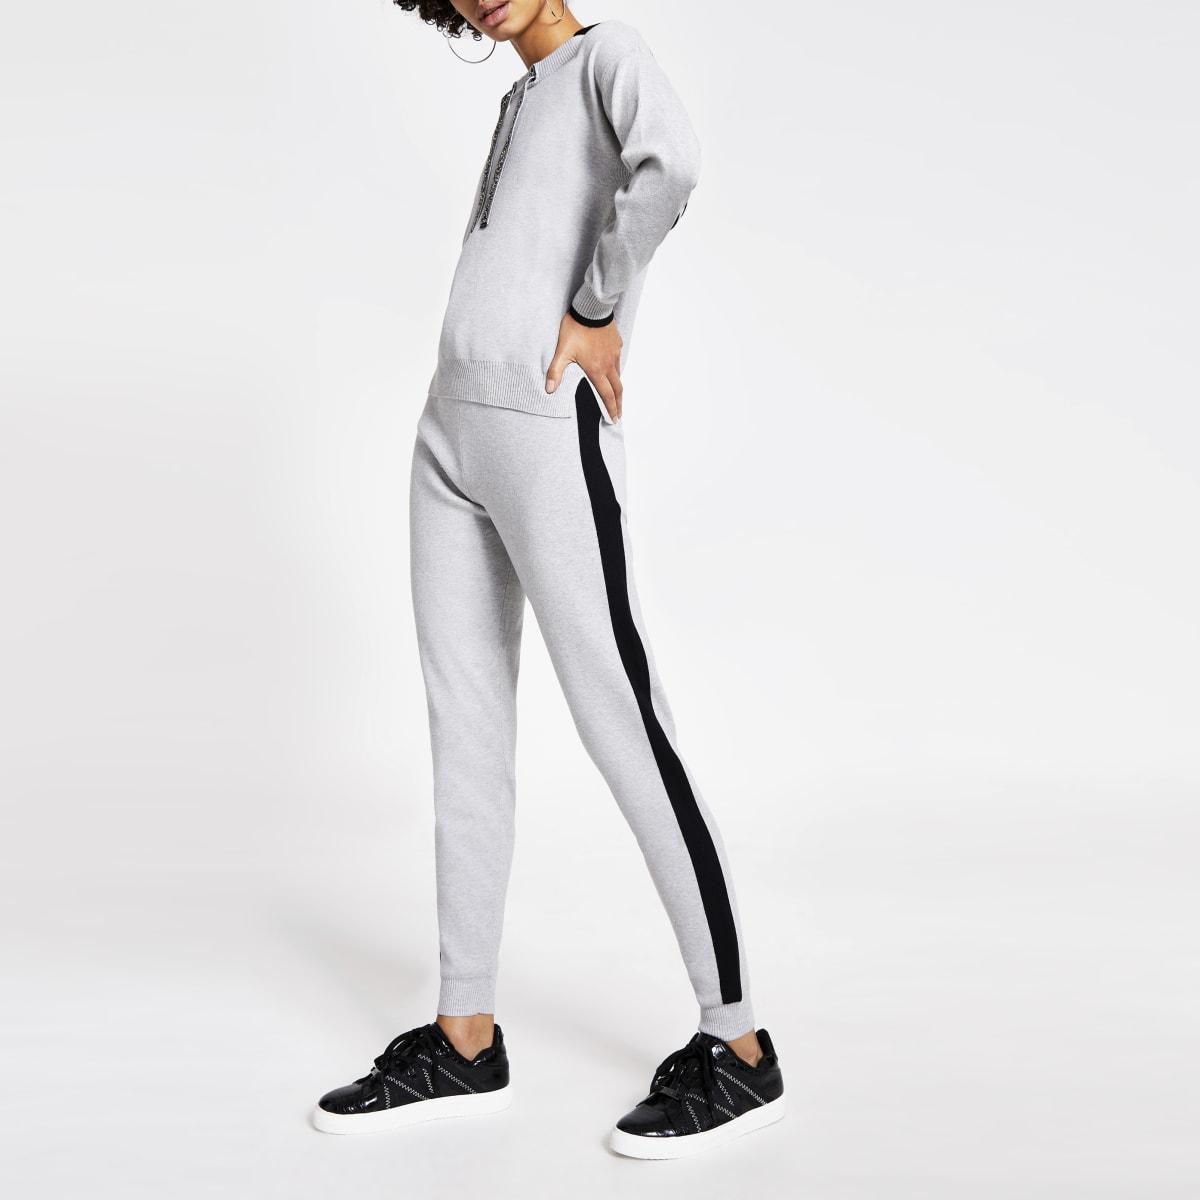 Pantalons de jogging gris colour block ornés